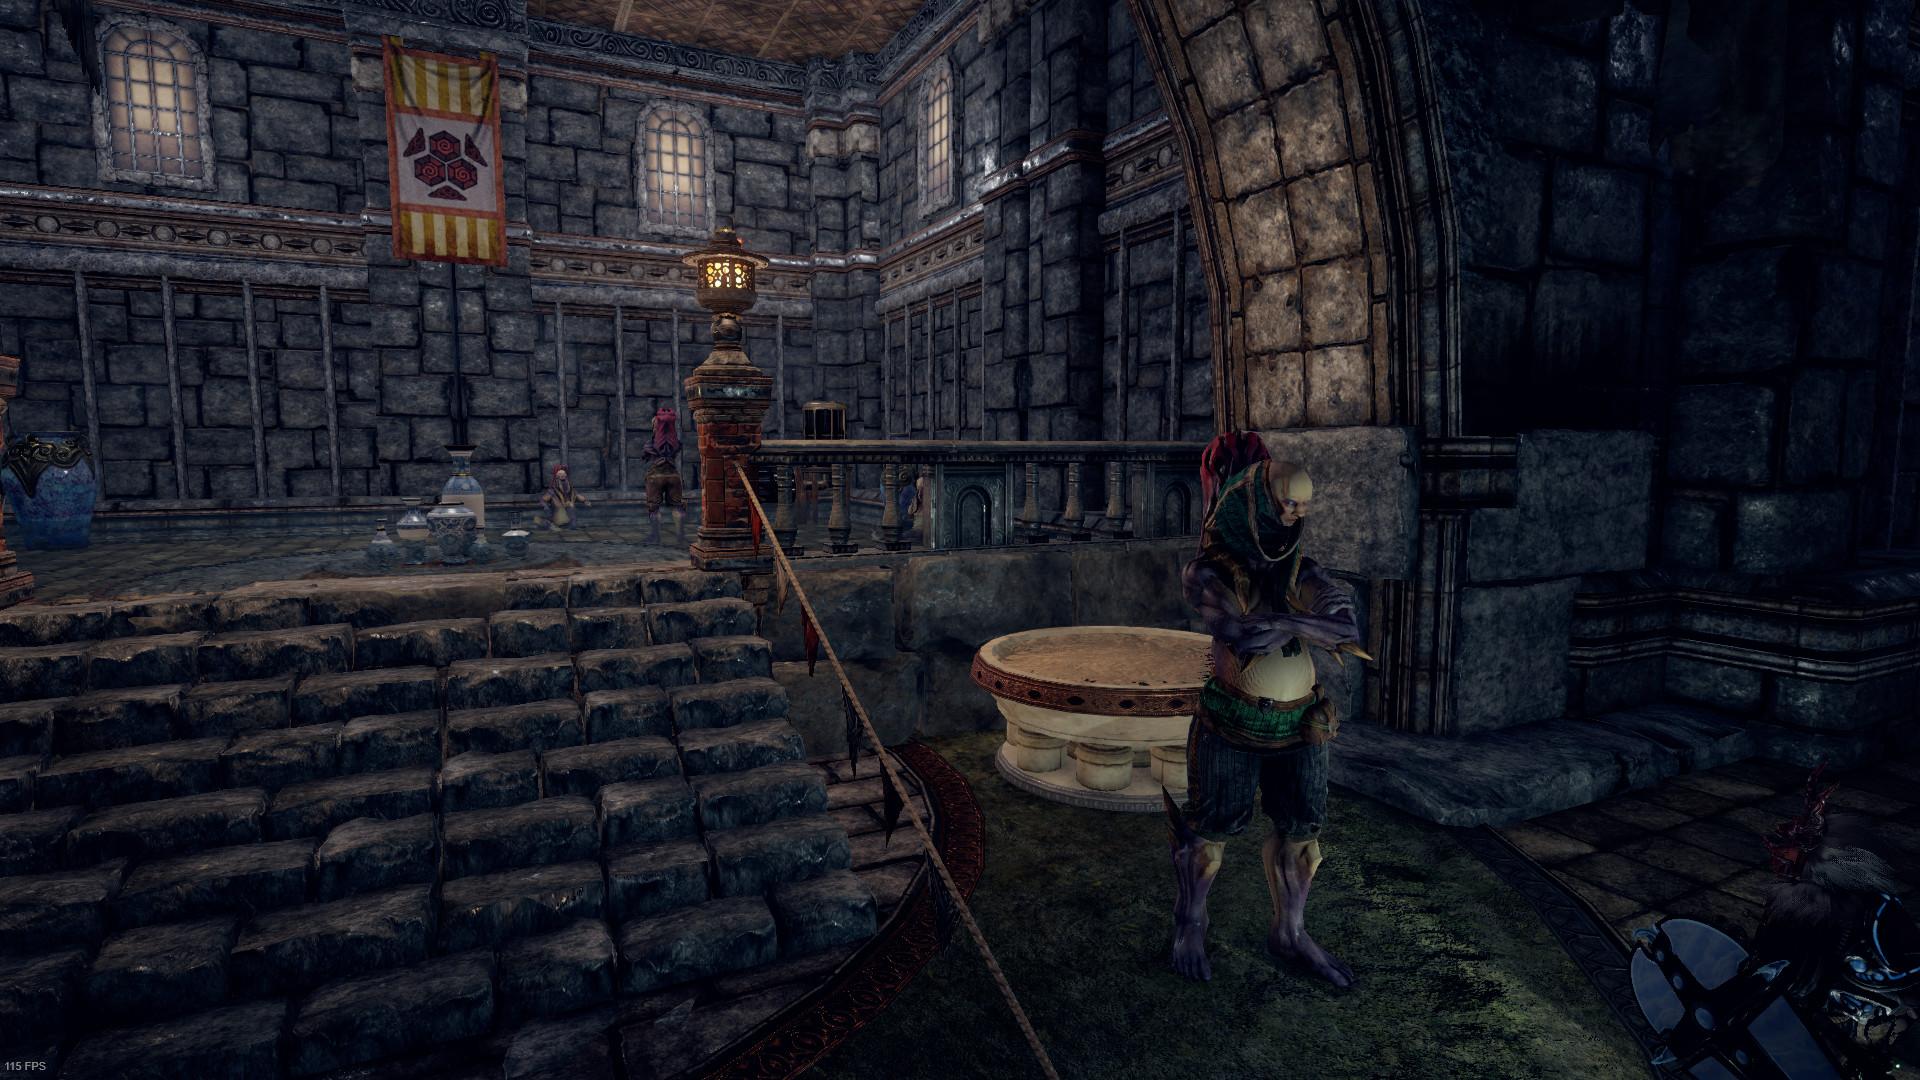 《物质世界》三兄弟浩劫DLC发售 定价70元